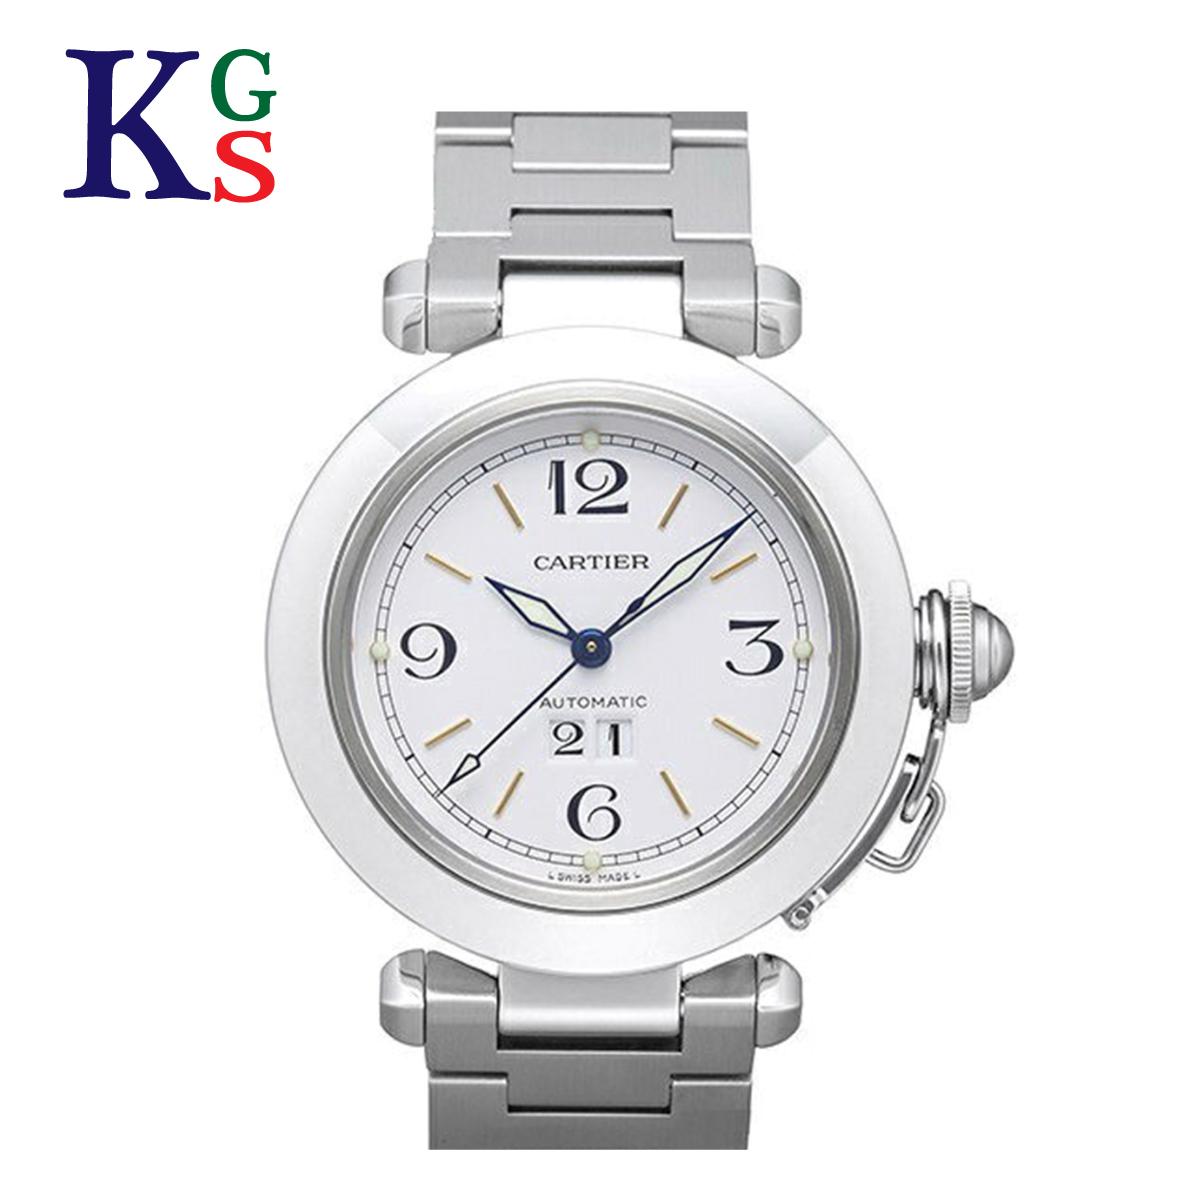 【ギフト品質】カルティエ/Cartier レディース 腕時計 パシャC ビッグデイト ホワイト文字盤 W31044M7 オートマチック 自動巻き ステンレススチール 旧タイプ